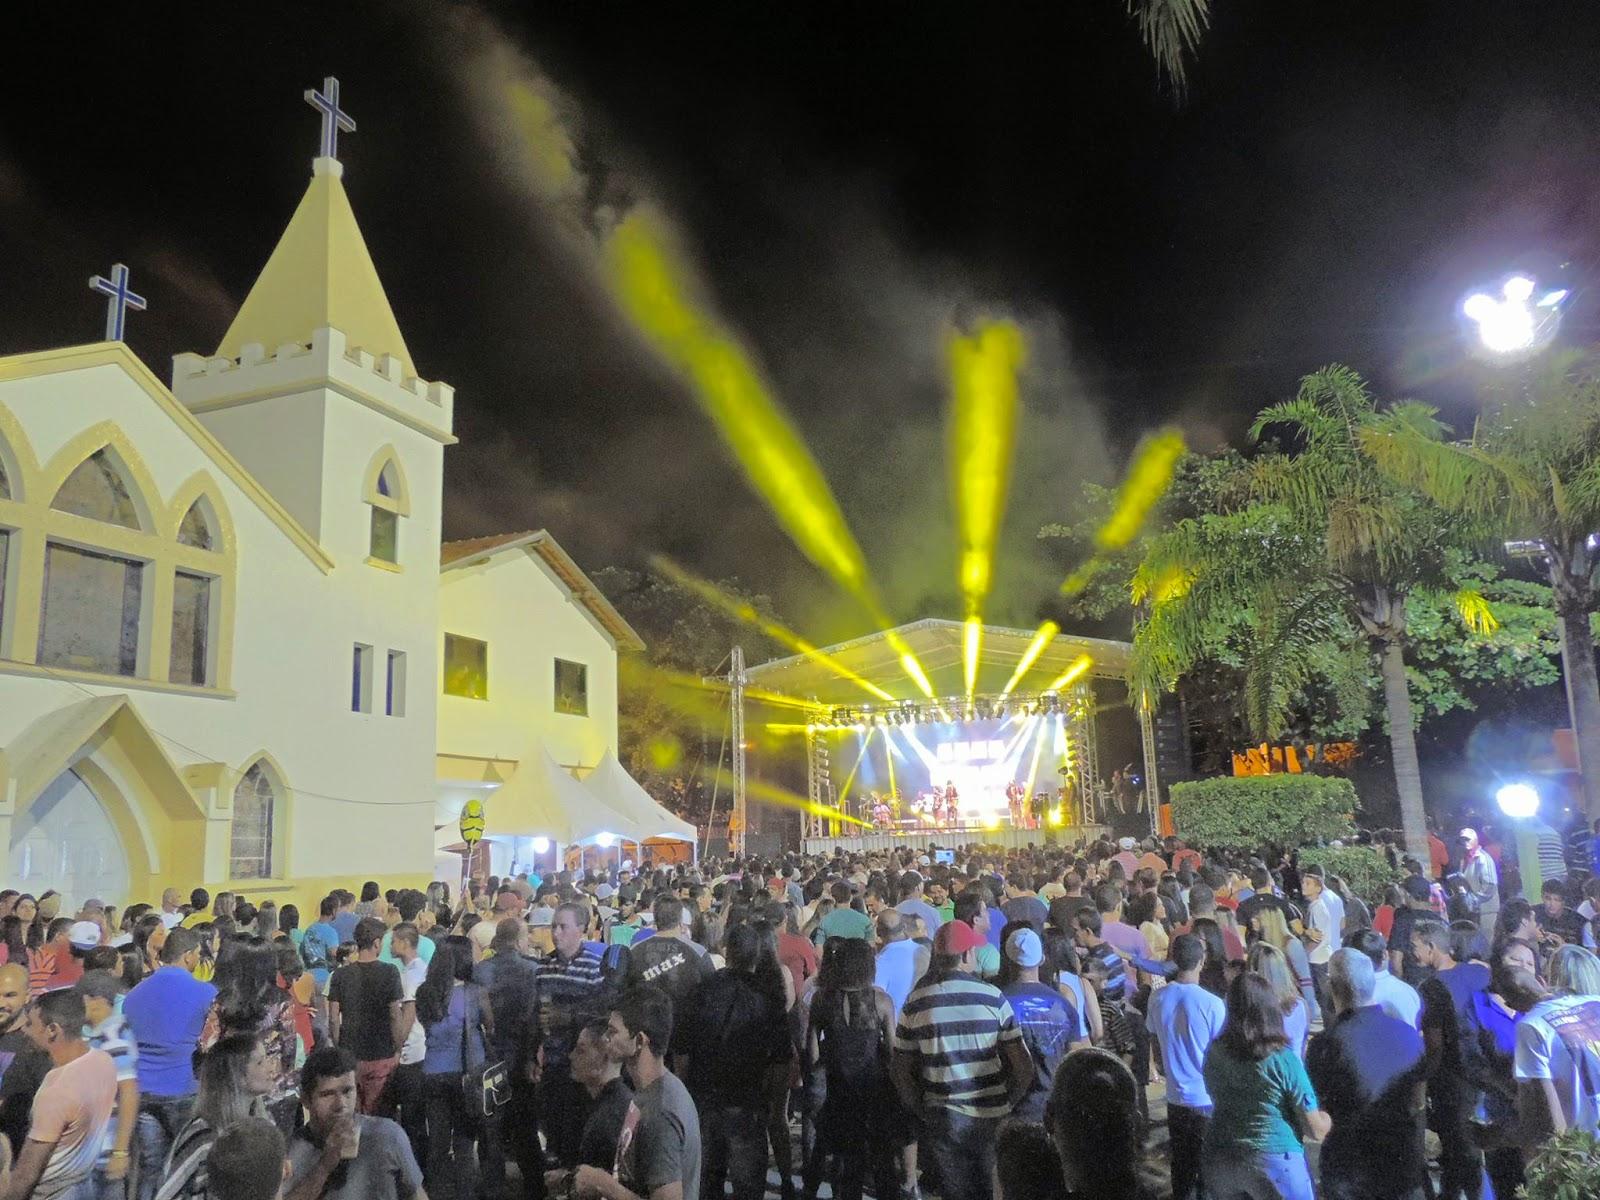 CULTURA – Festa do Padroeiro de São Francisco de Itabapoana-RJ